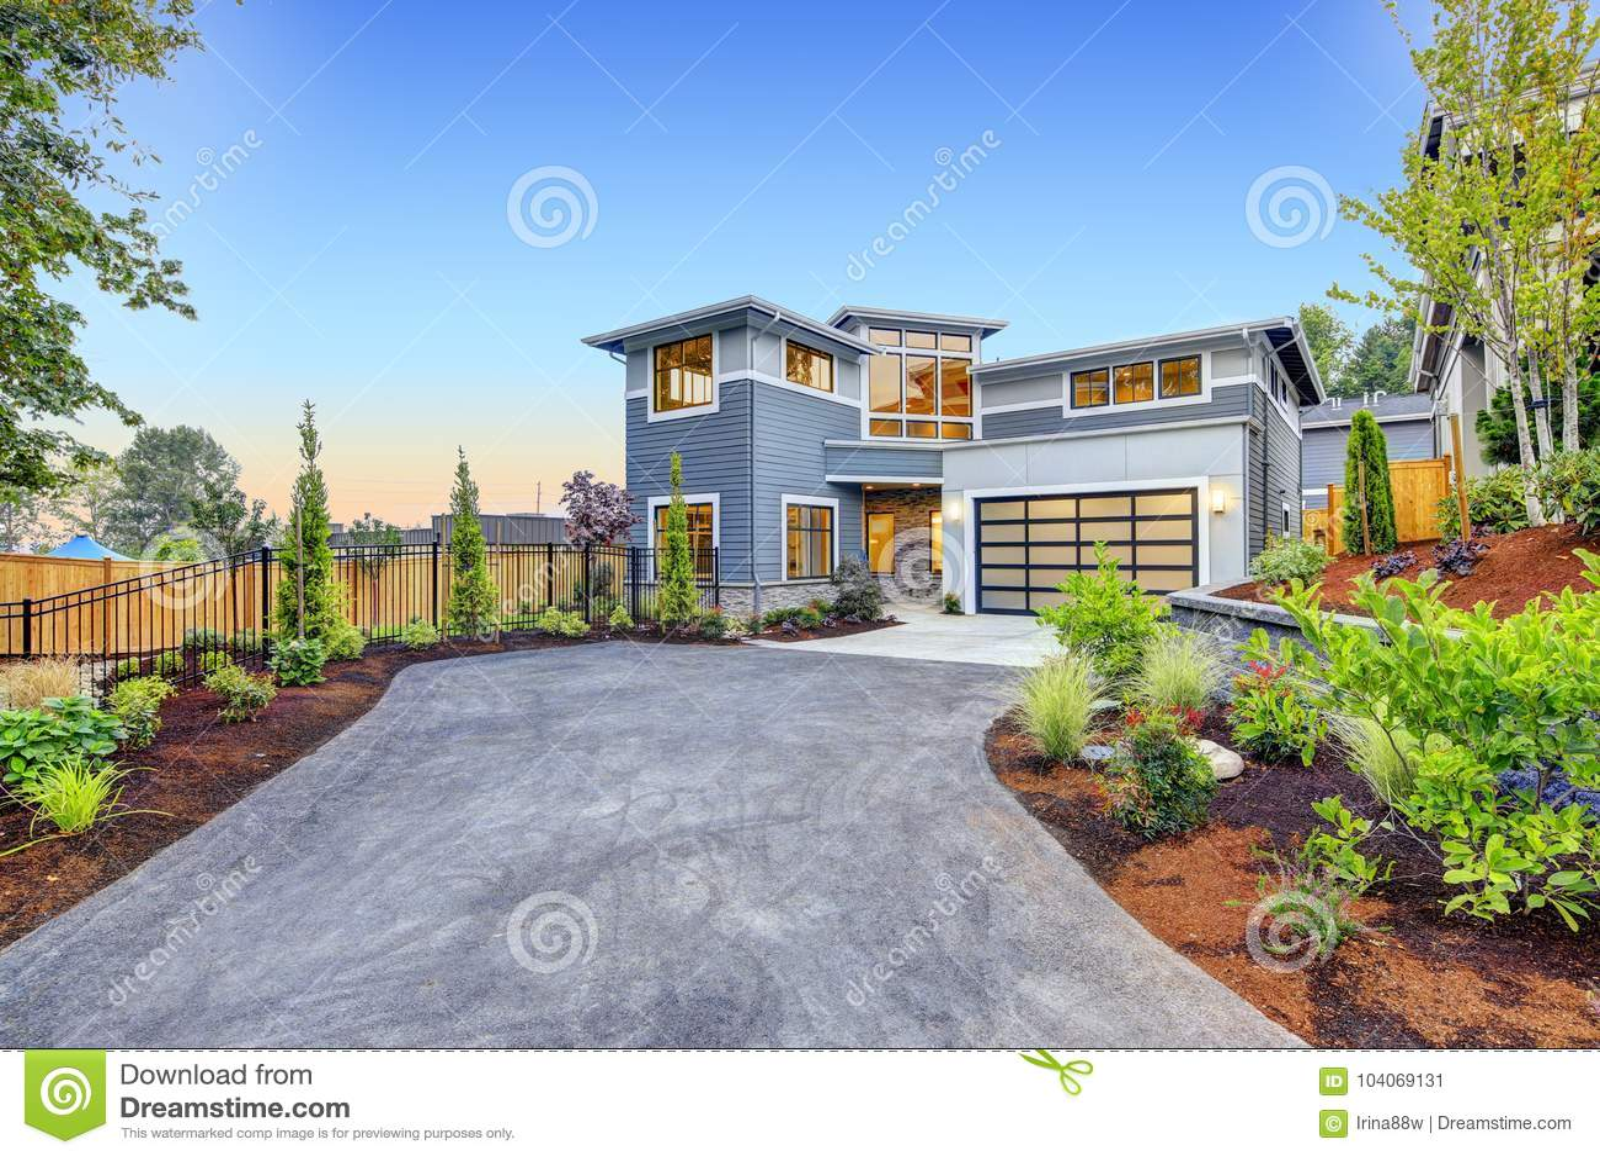 Esterno moderno della casa di stile dell 39 artigiano for Casa moderna esterno